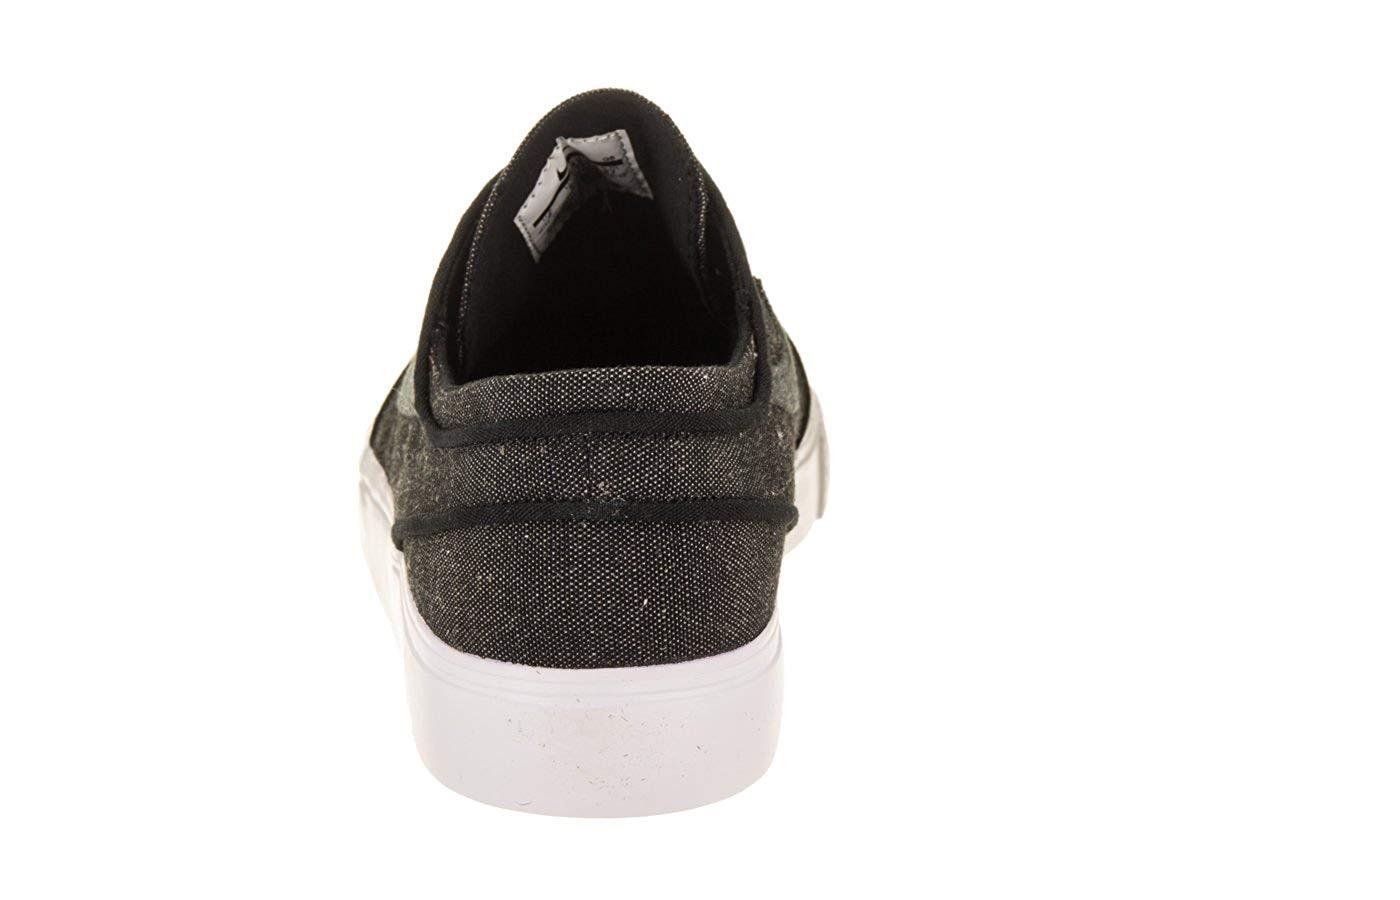 Nike Zoom Janoski Mid heel